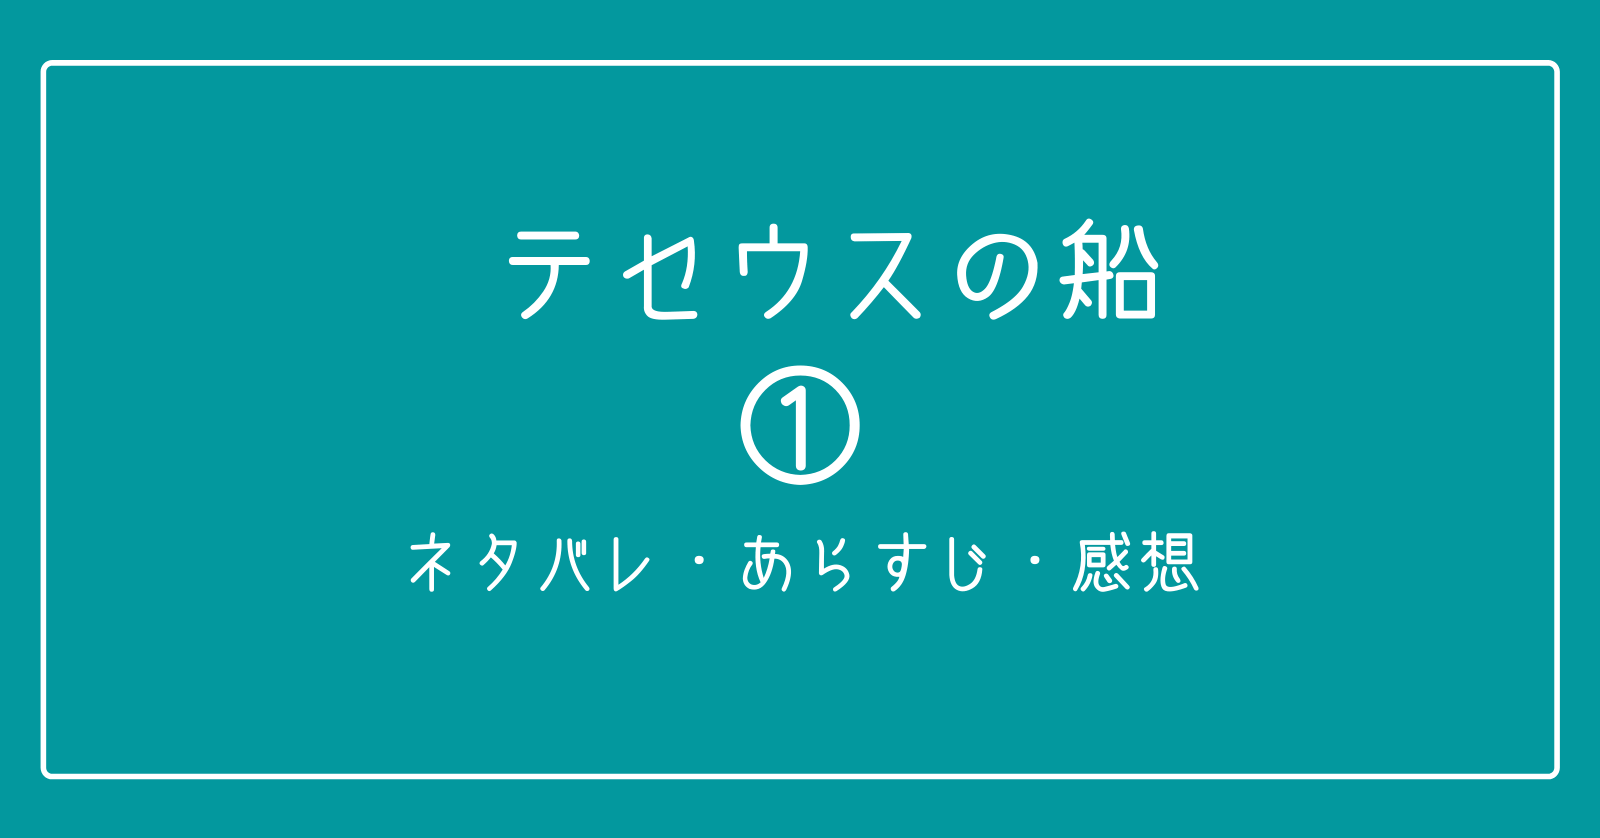 『テセウスの船』第1話のネタバレ・あらすじ・感想